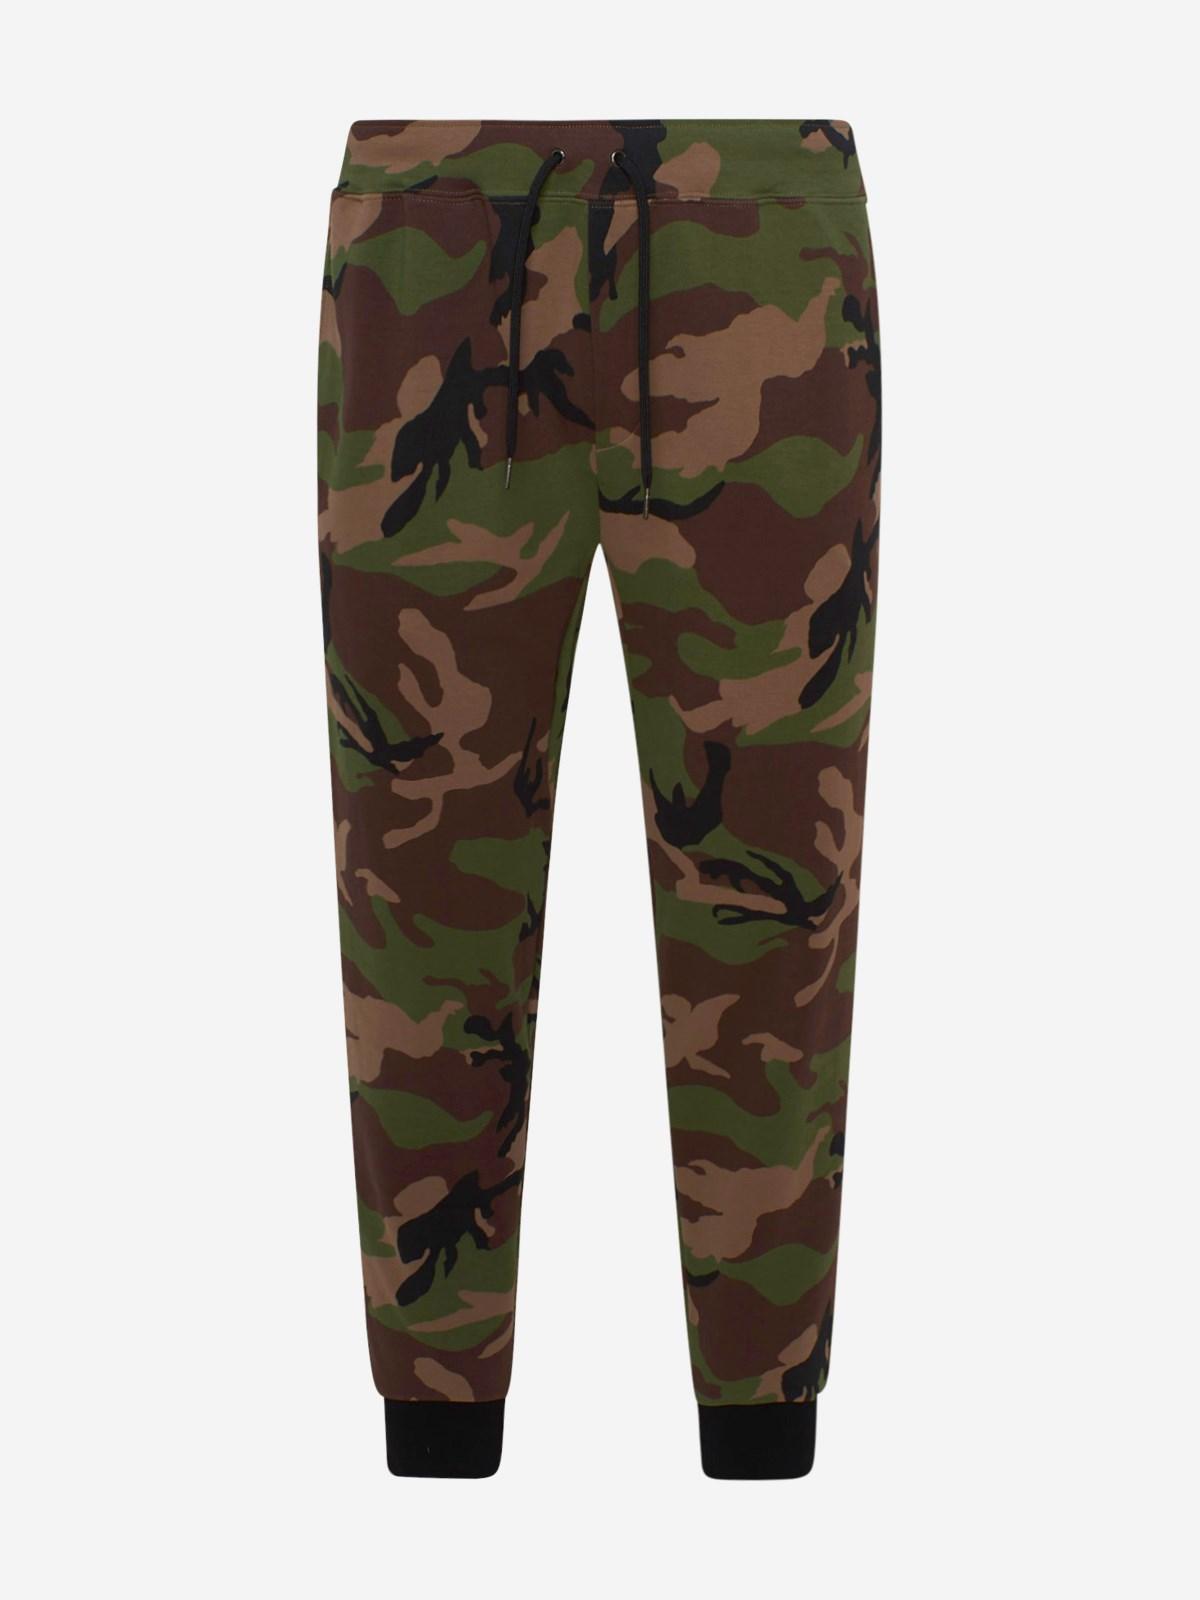 Polo Ralph Lauren Pants MULTICOLOR PANTS